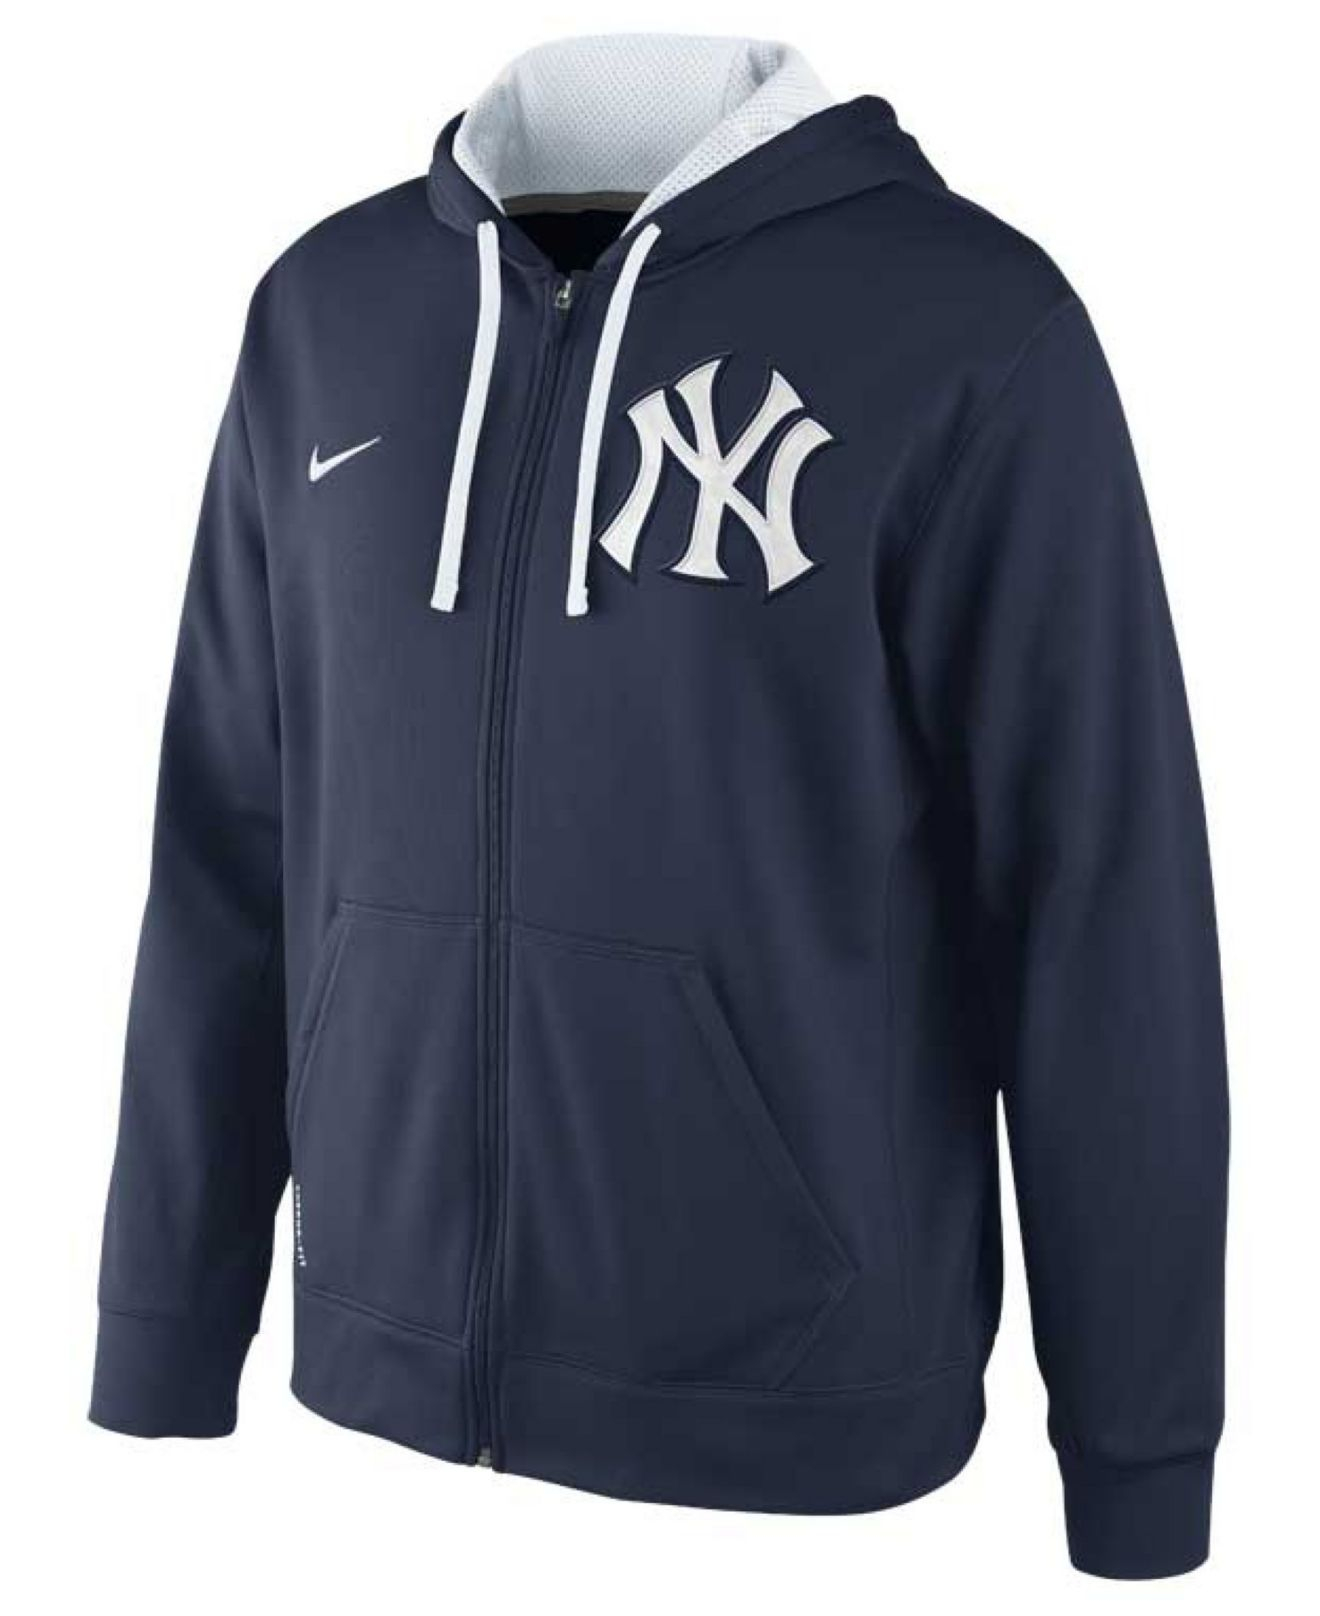 Yankees zip up hoodie